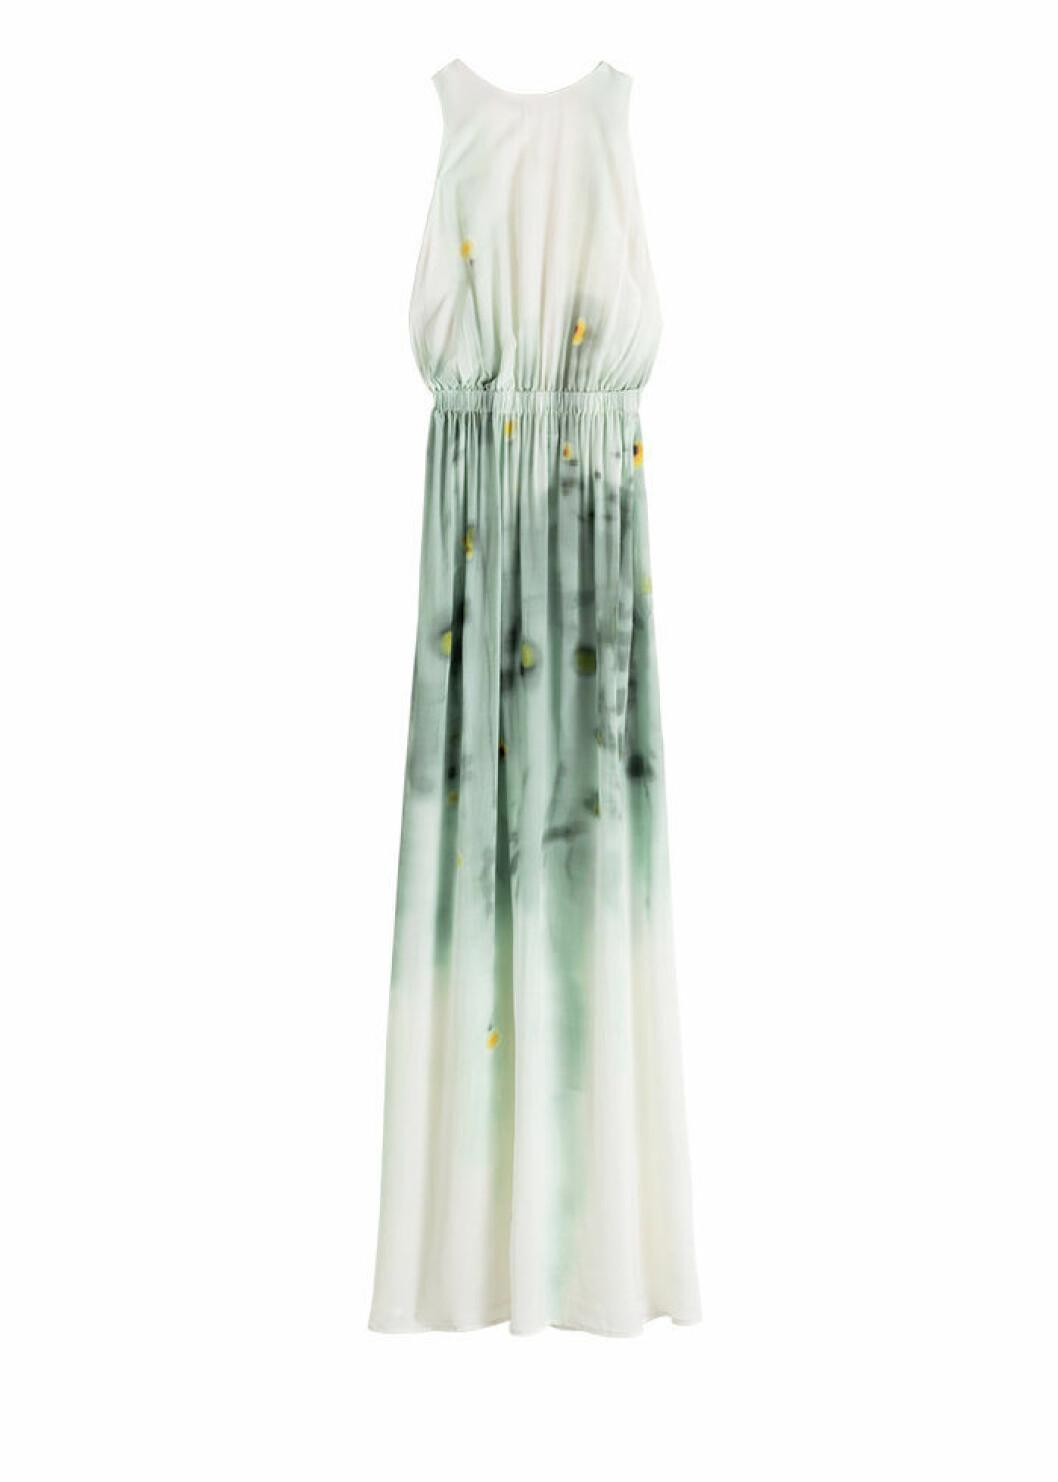 Mönstrad och ärmlös maxiklänning i vitt och grönt